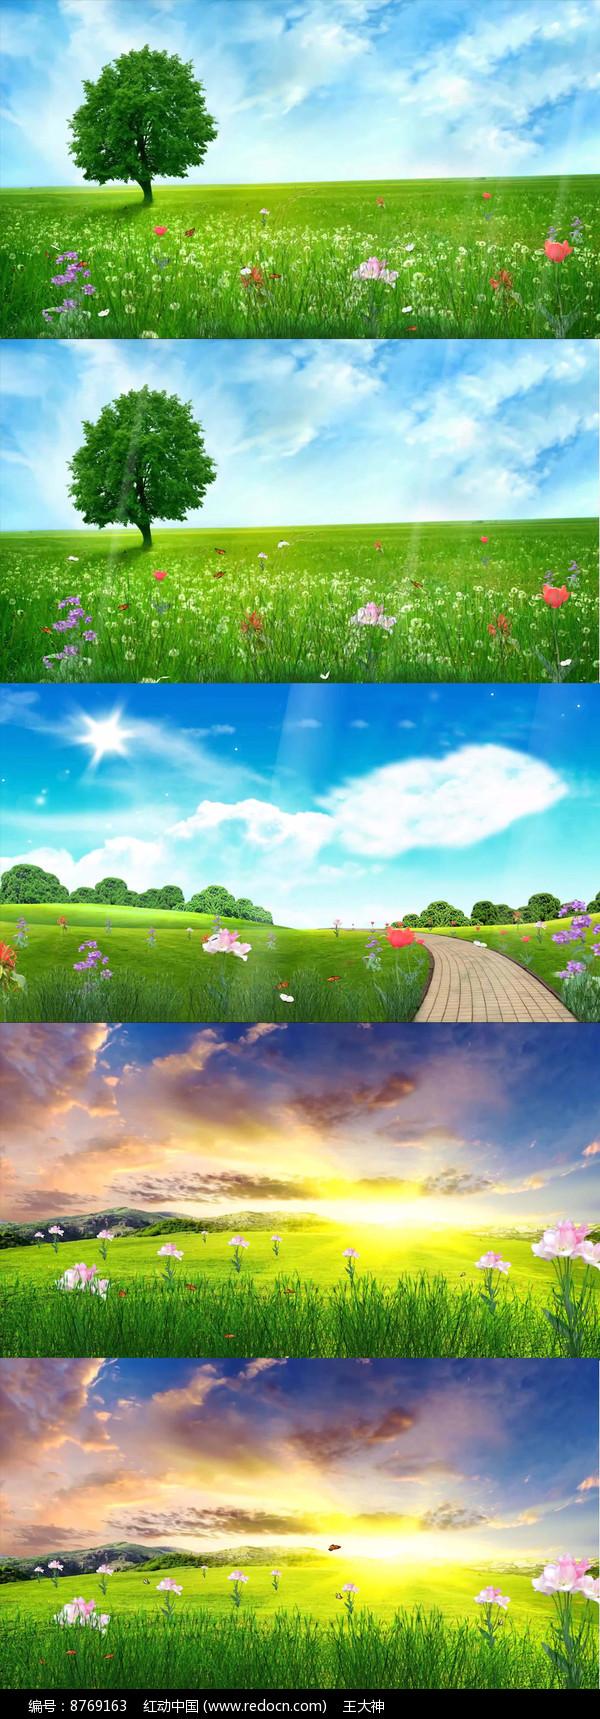 春天气息鲜花阳光草地视频图片